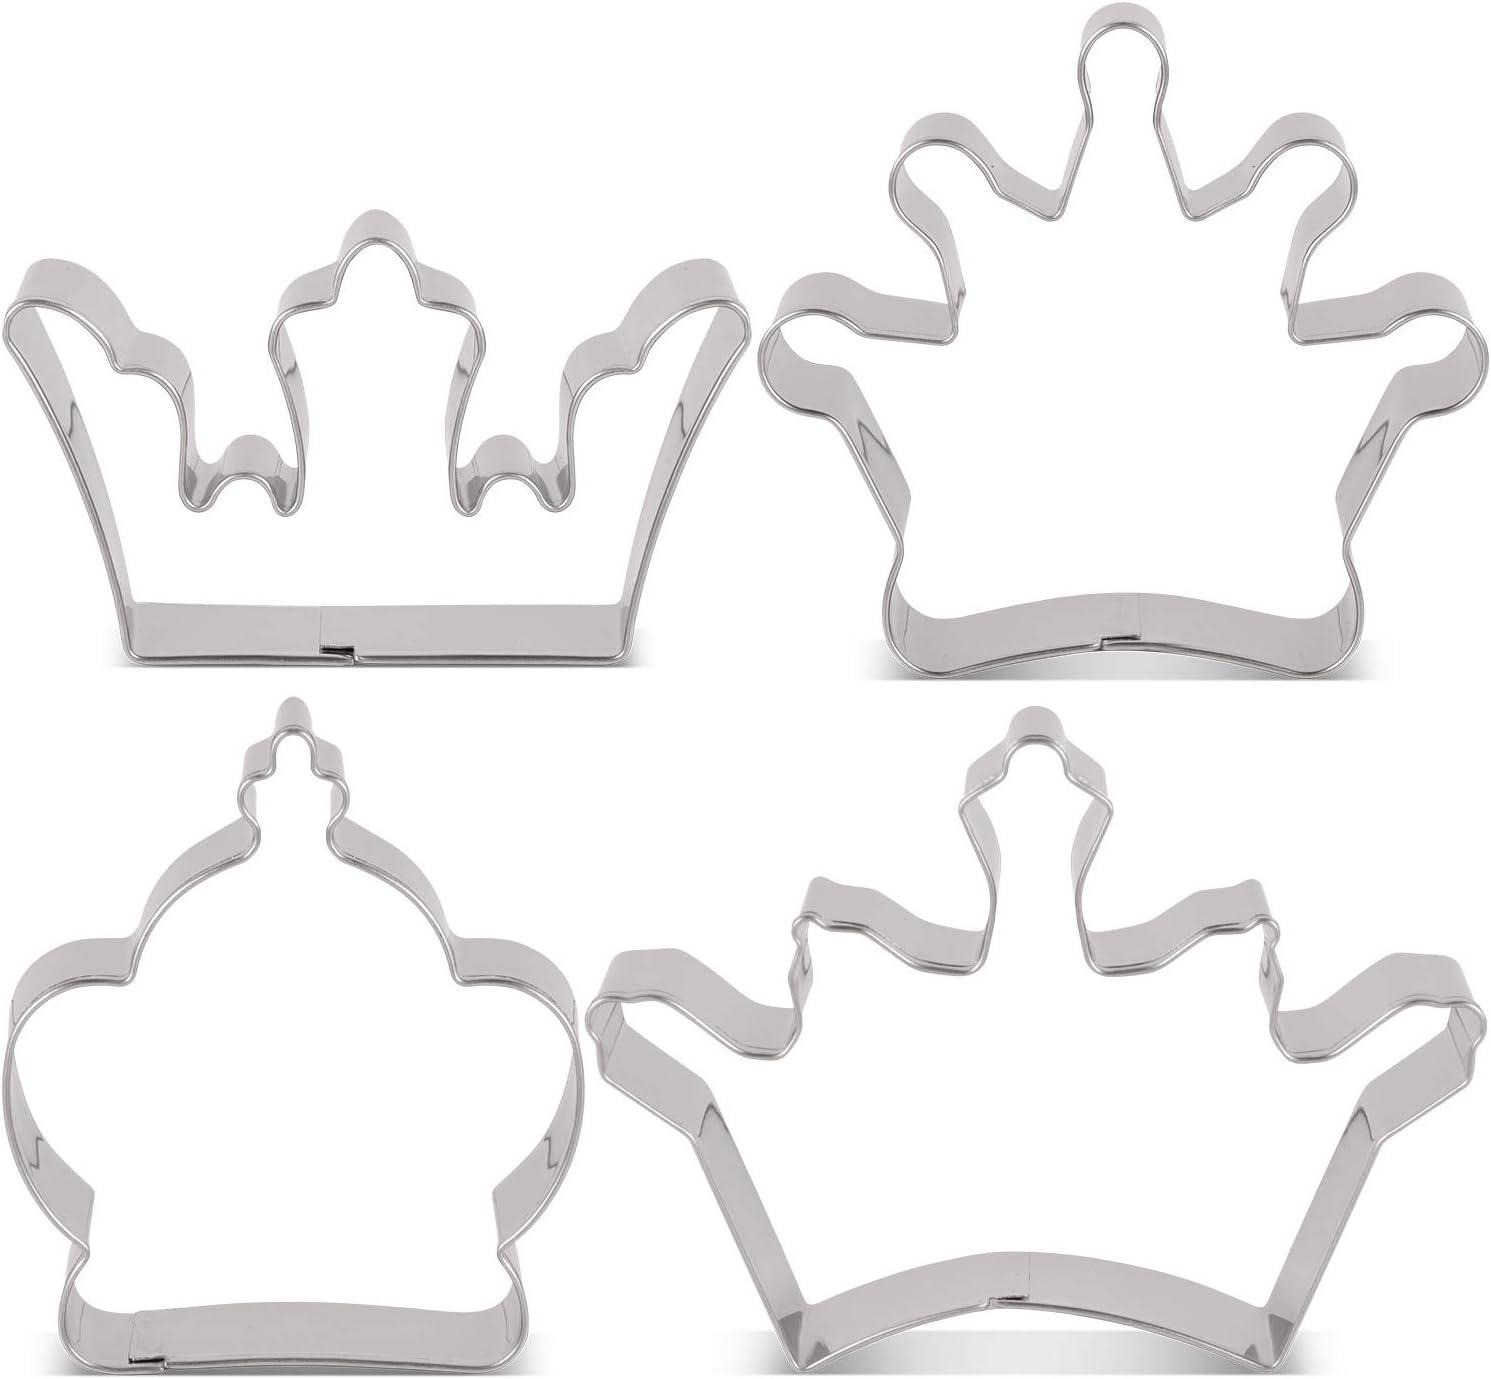 K/önigskrone Prinzenkrone und Prinzessinnenkrone 4-Teilig K/önigskrone Edelstahl KENIAO Ausstechformen Kronen Ausstecher-Set